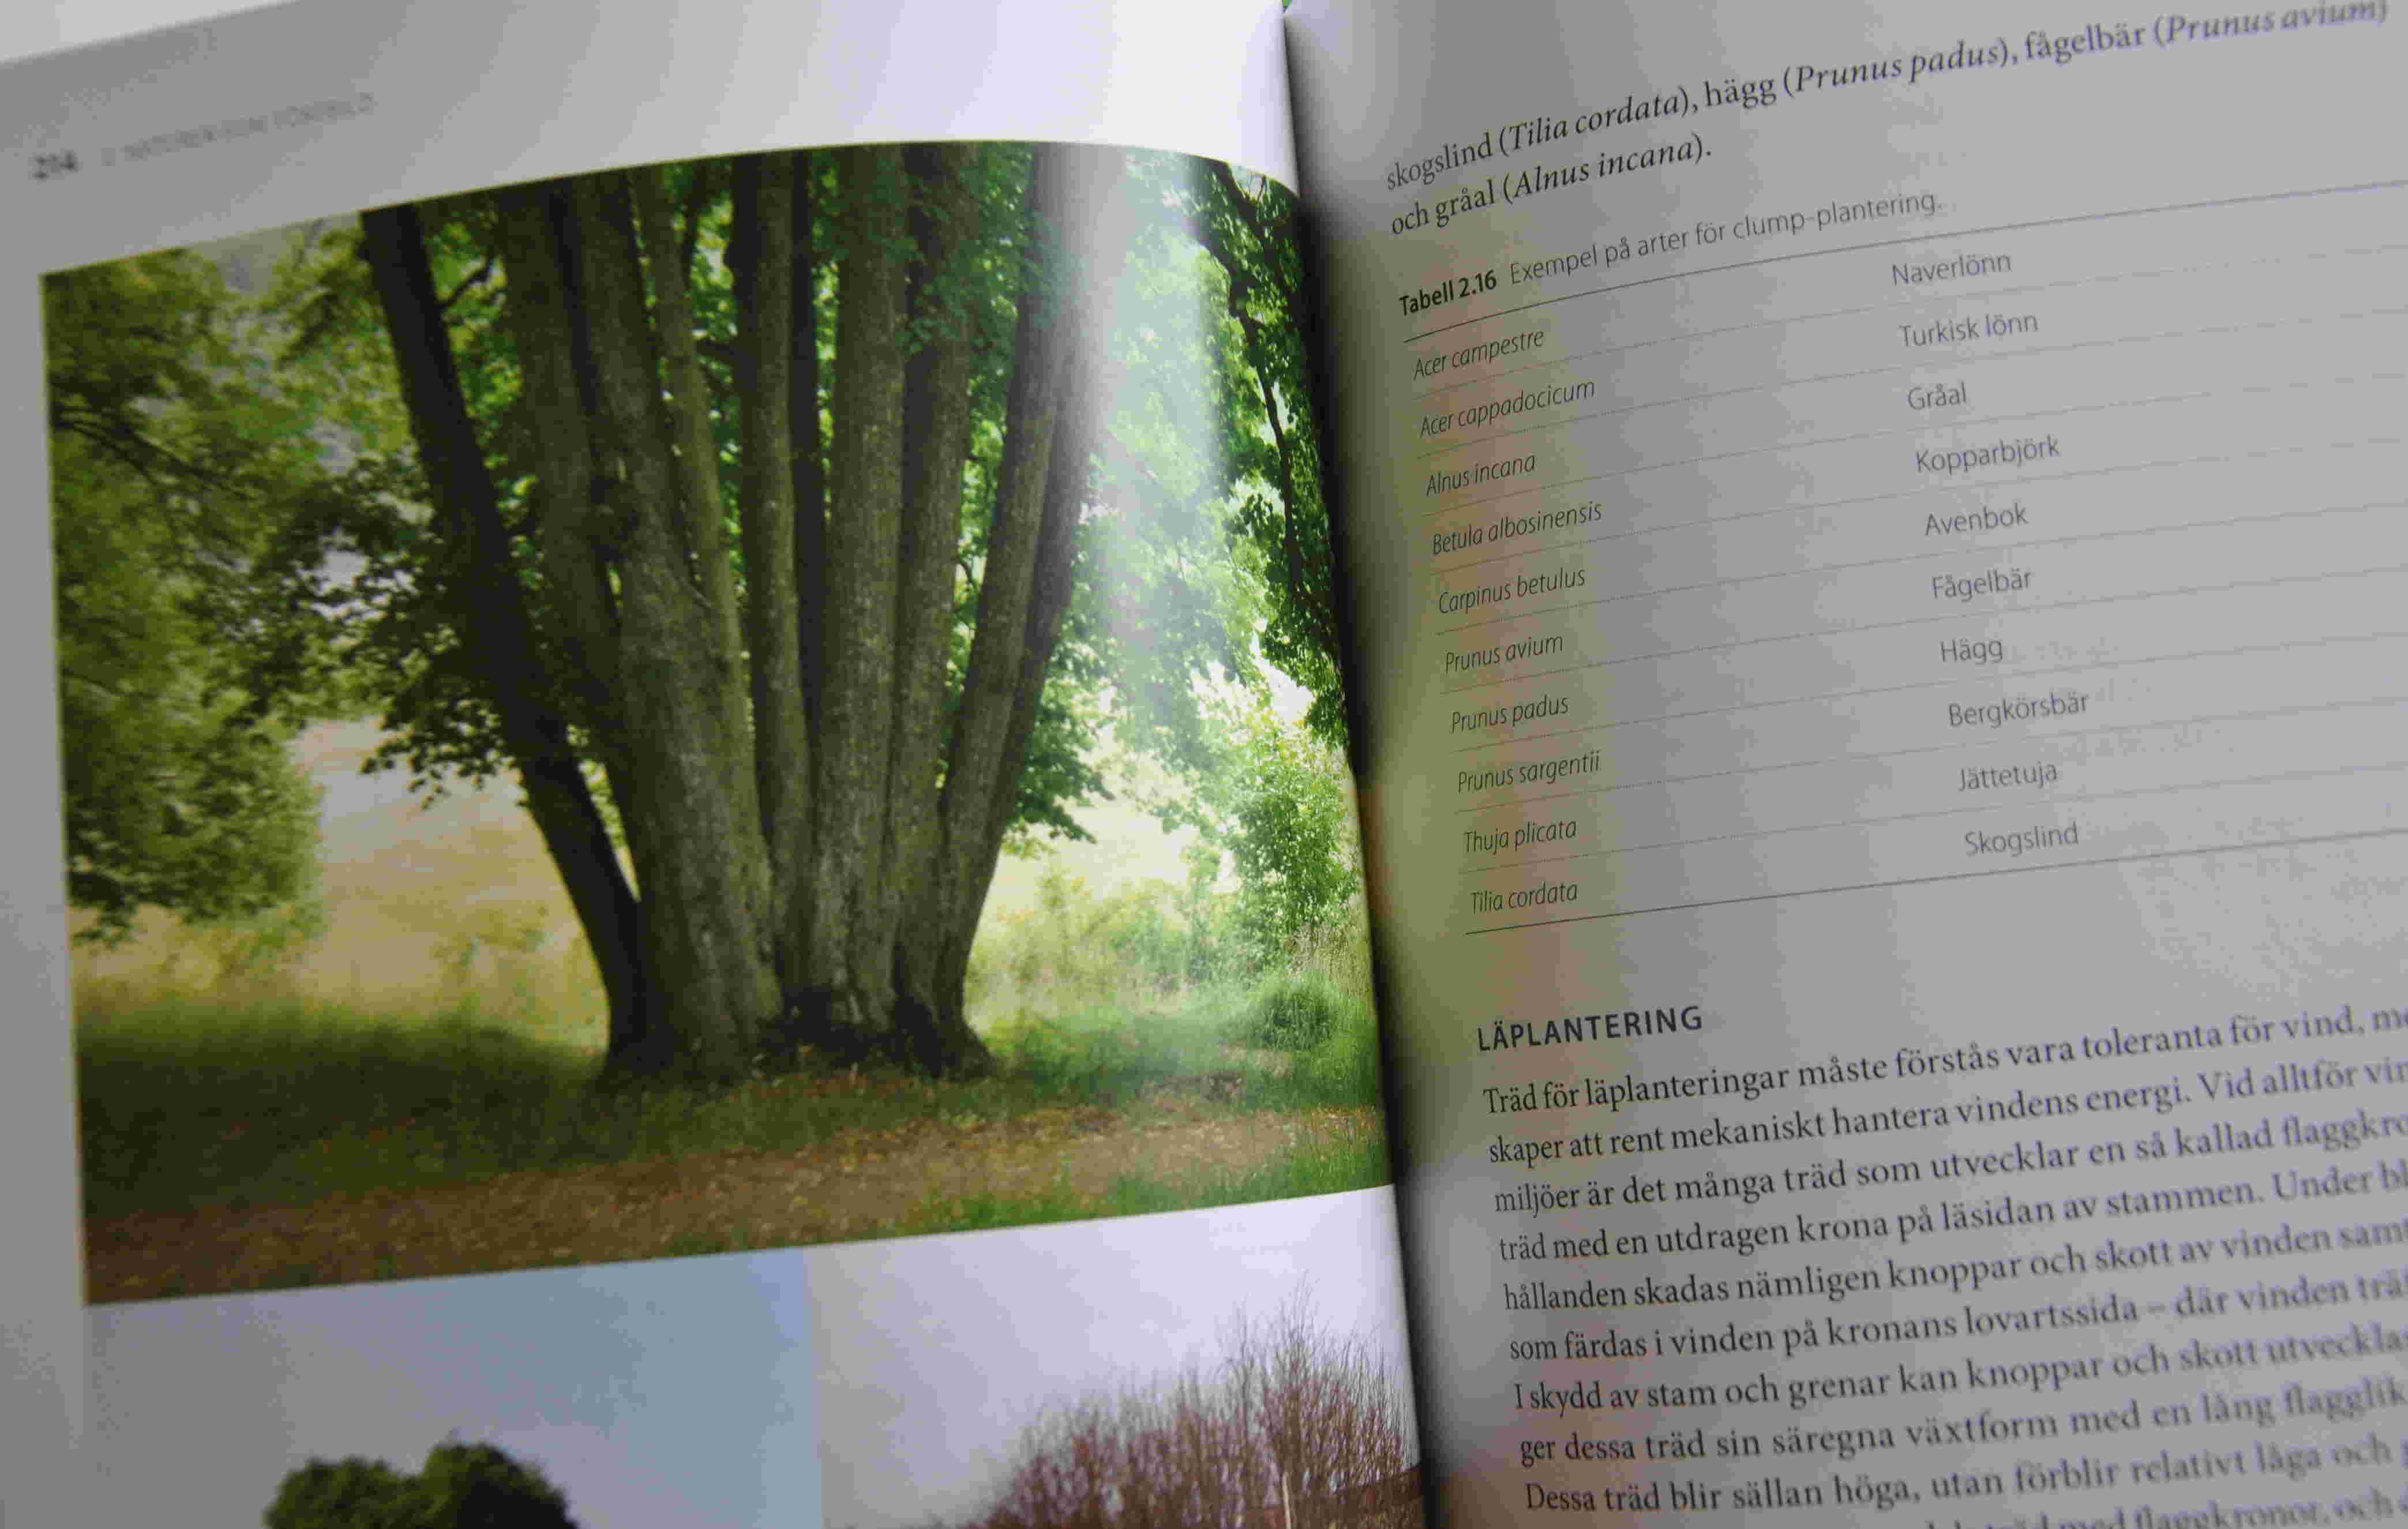 Tabeller och växtlistor finns det gott om i boken.